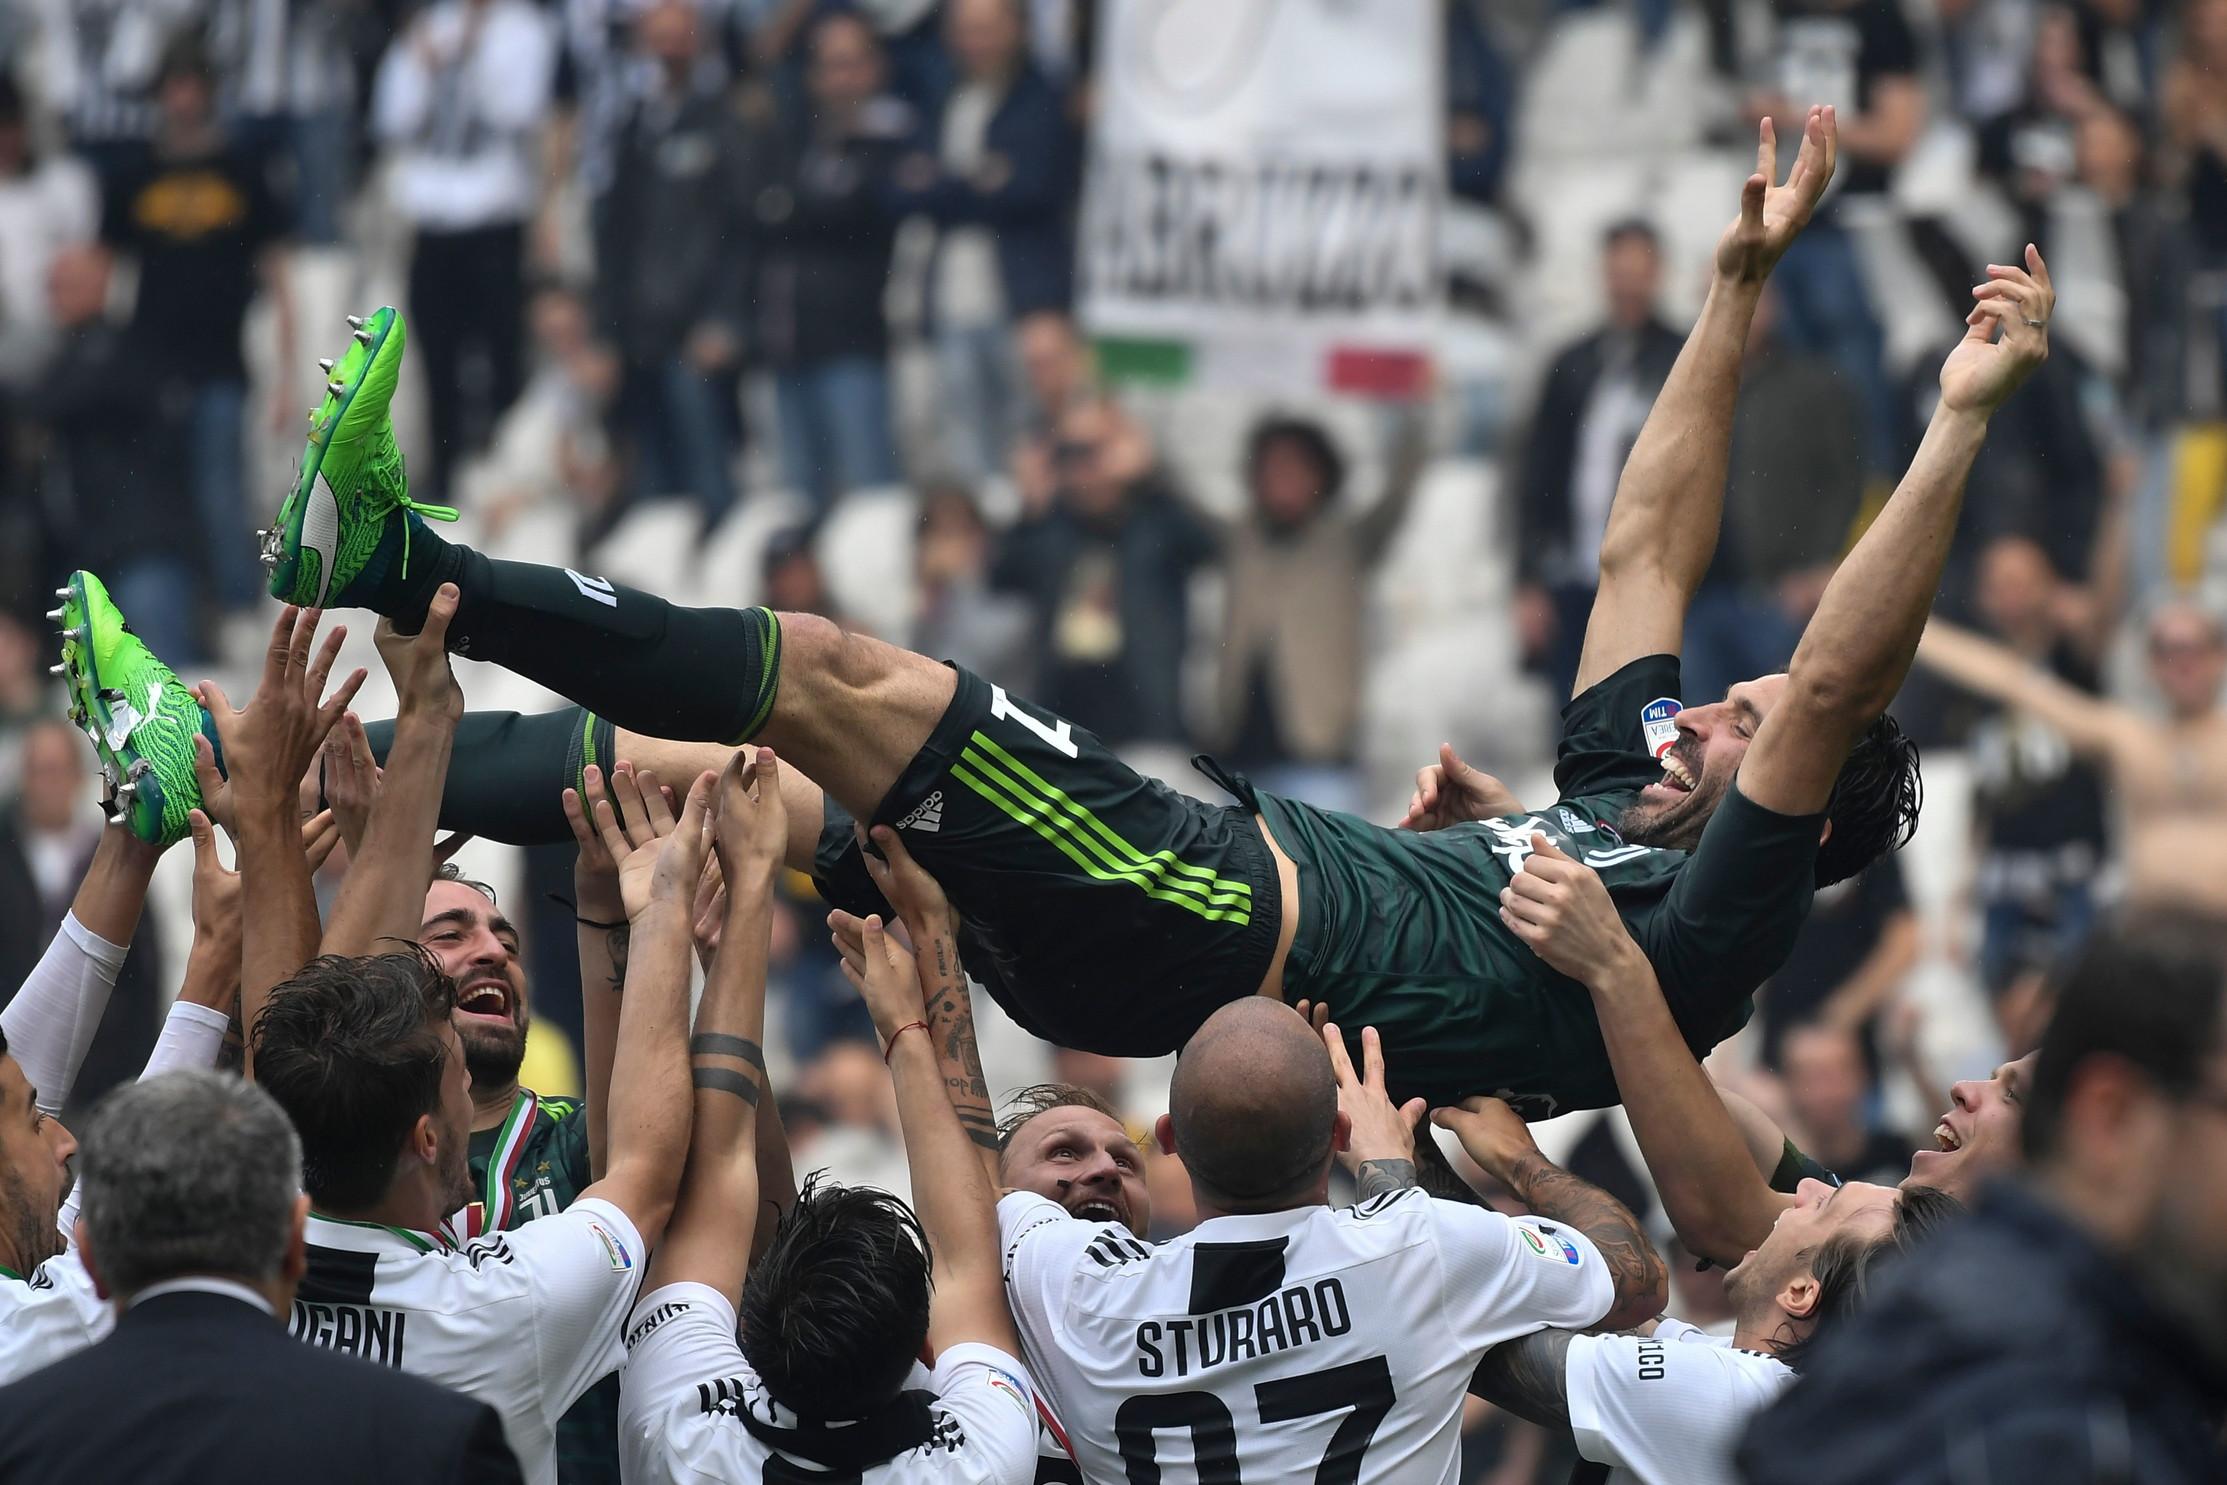 Buffon portato in trionfo dai compagni dopo lo scudetto 2018